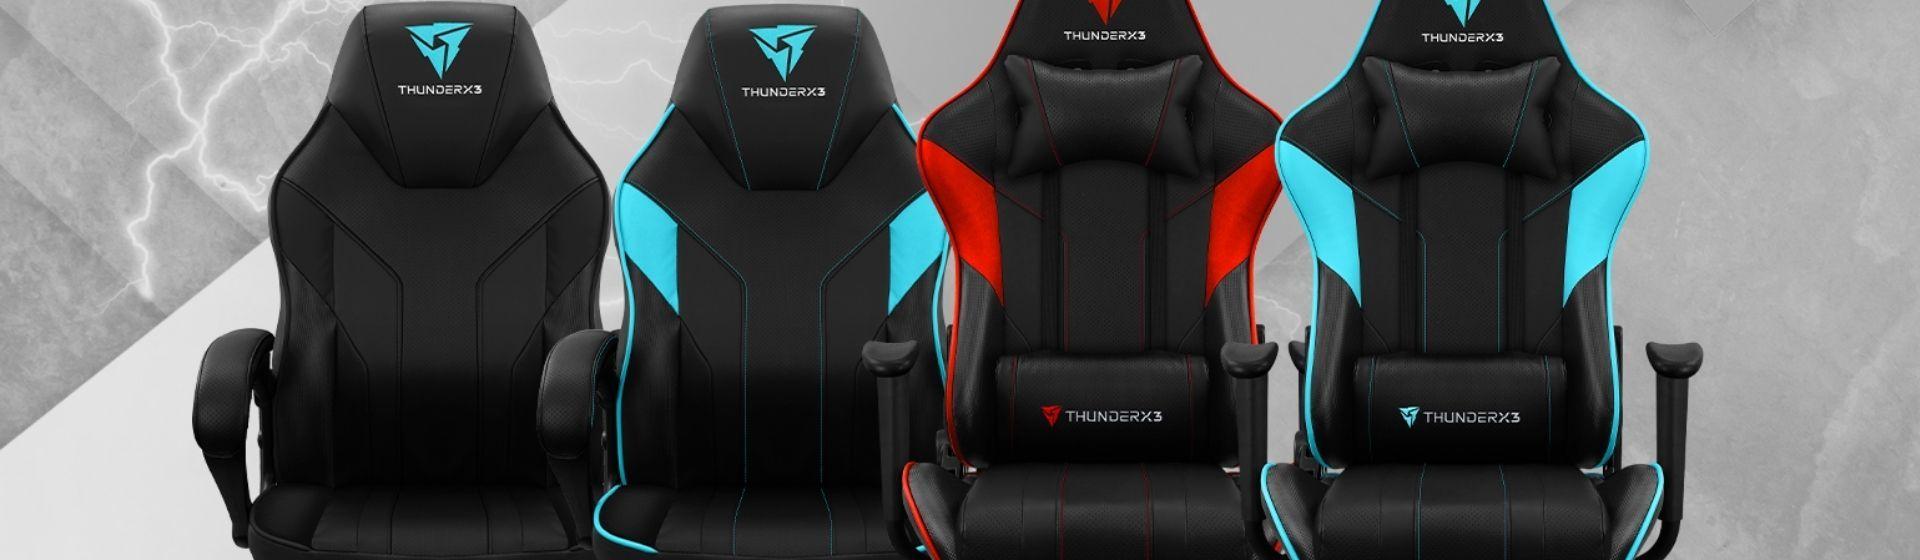 Melhor cadeira gamer ThunderX3: 5 modelos para comprar em 2021